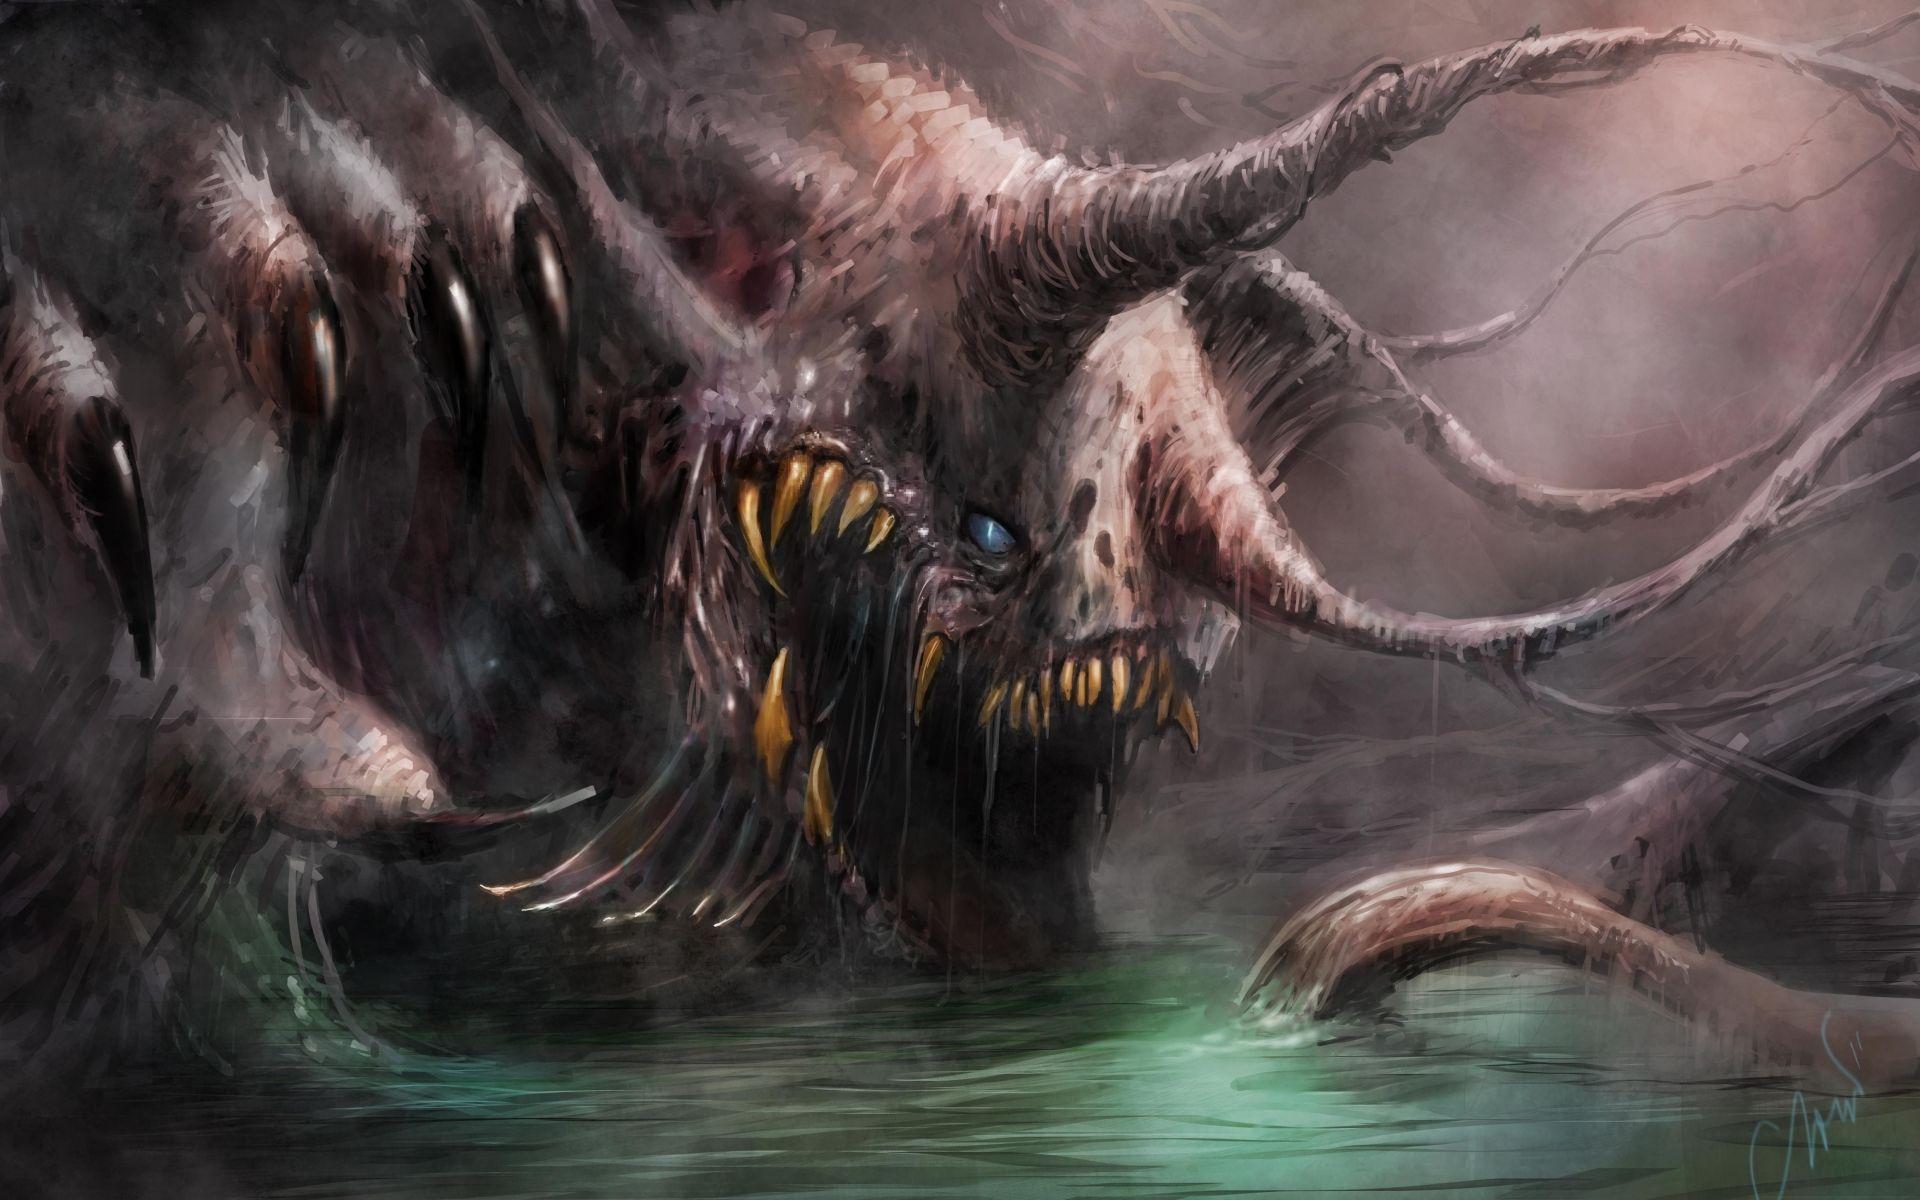 Paintings Landscapes Illustrations Fantasy Art Digital Dark Horror